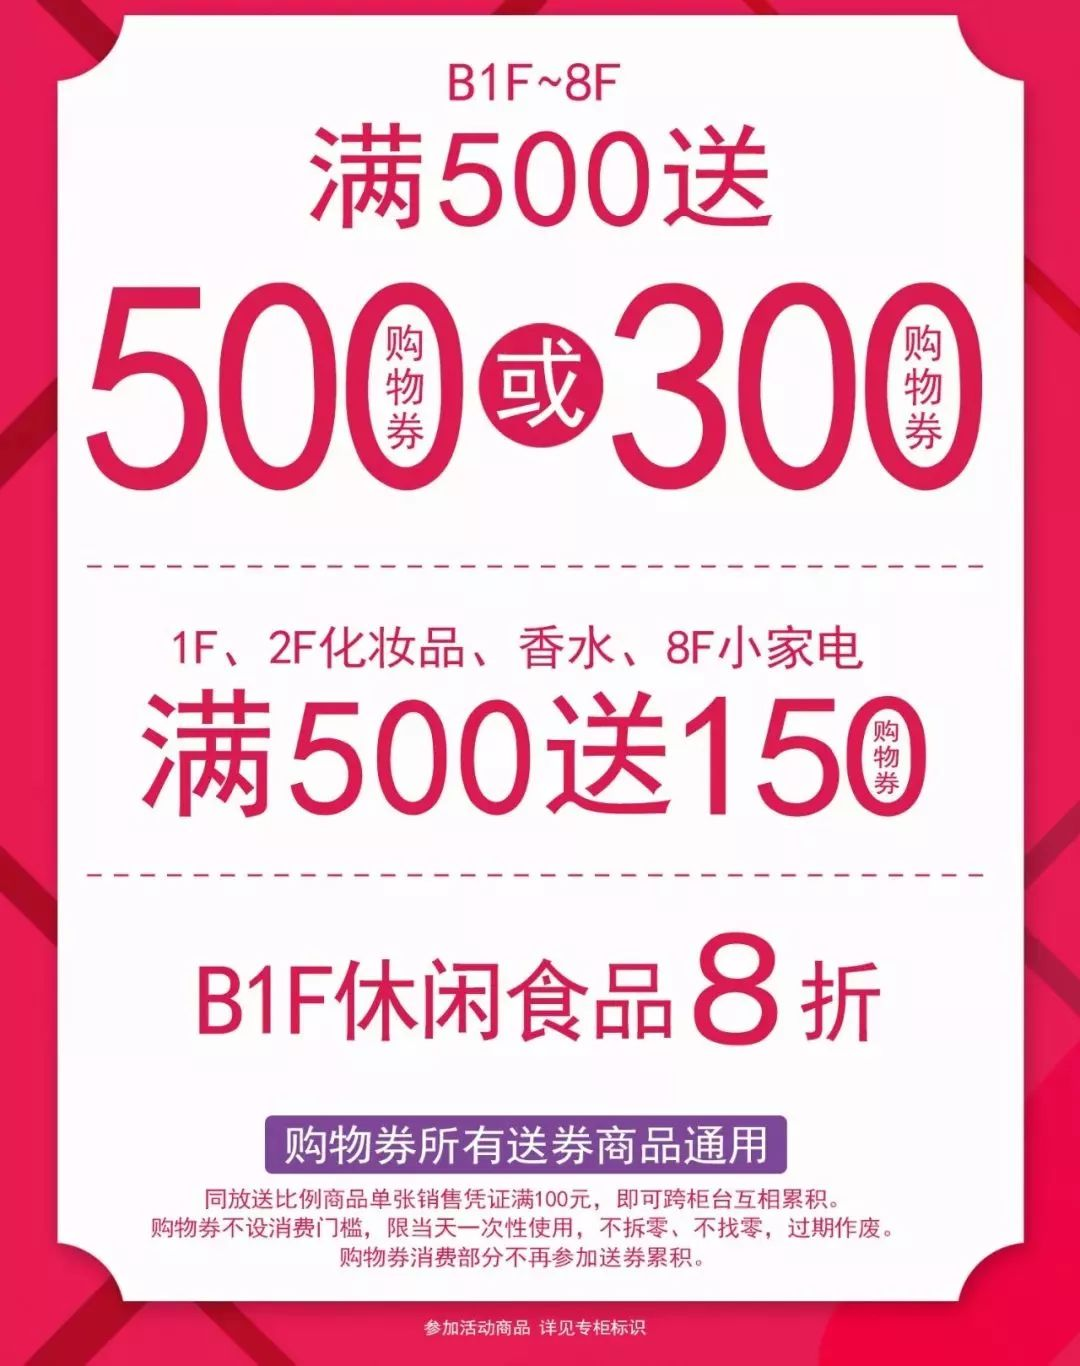 置地广场22周年庆 购物满500送500券